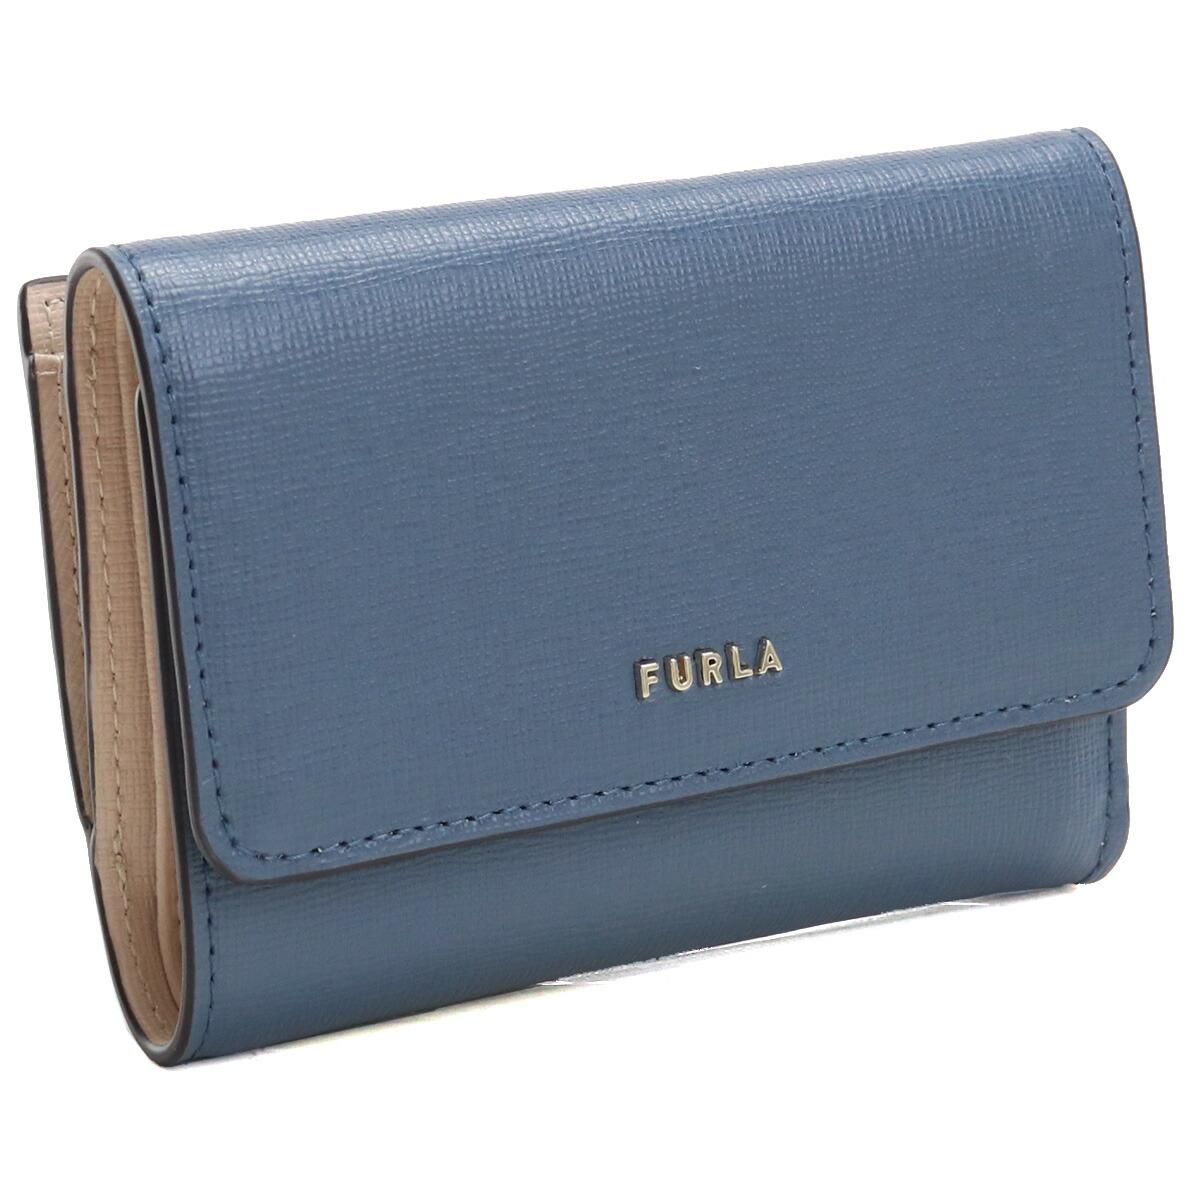 フルラ FURLA BABYLON 3つ折り財布 ブランド財布 コンパクト財布 ミニ財布 PCZ0UNO B30000 0245S BLU DENIM+BALLERINA ブルー系  gsw-2 wallet-01